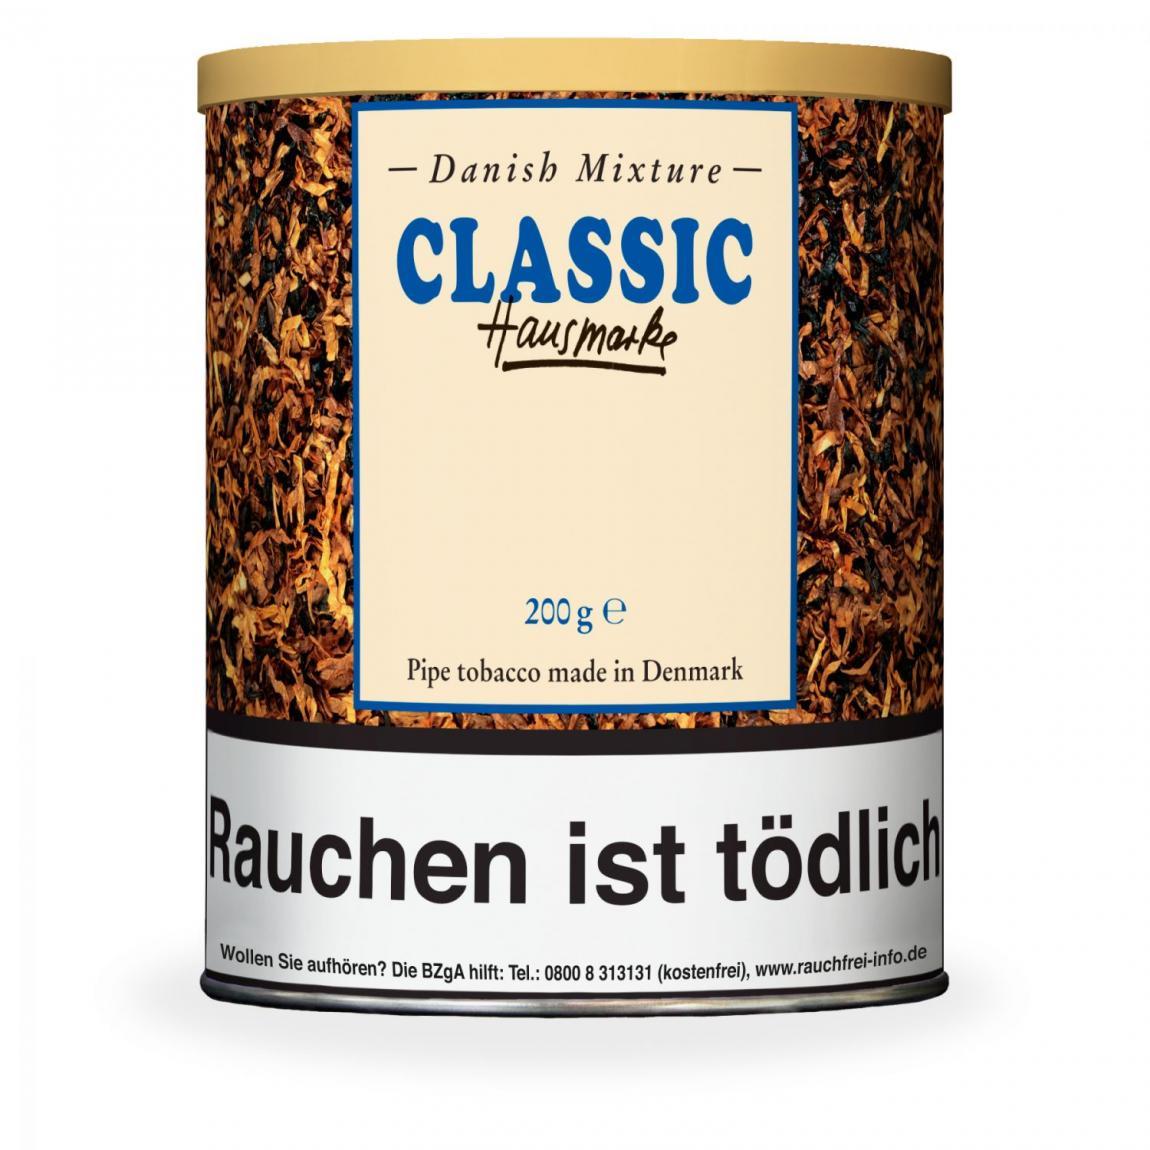 Hausmarke »Danish Mixture Classic« 200g Dose